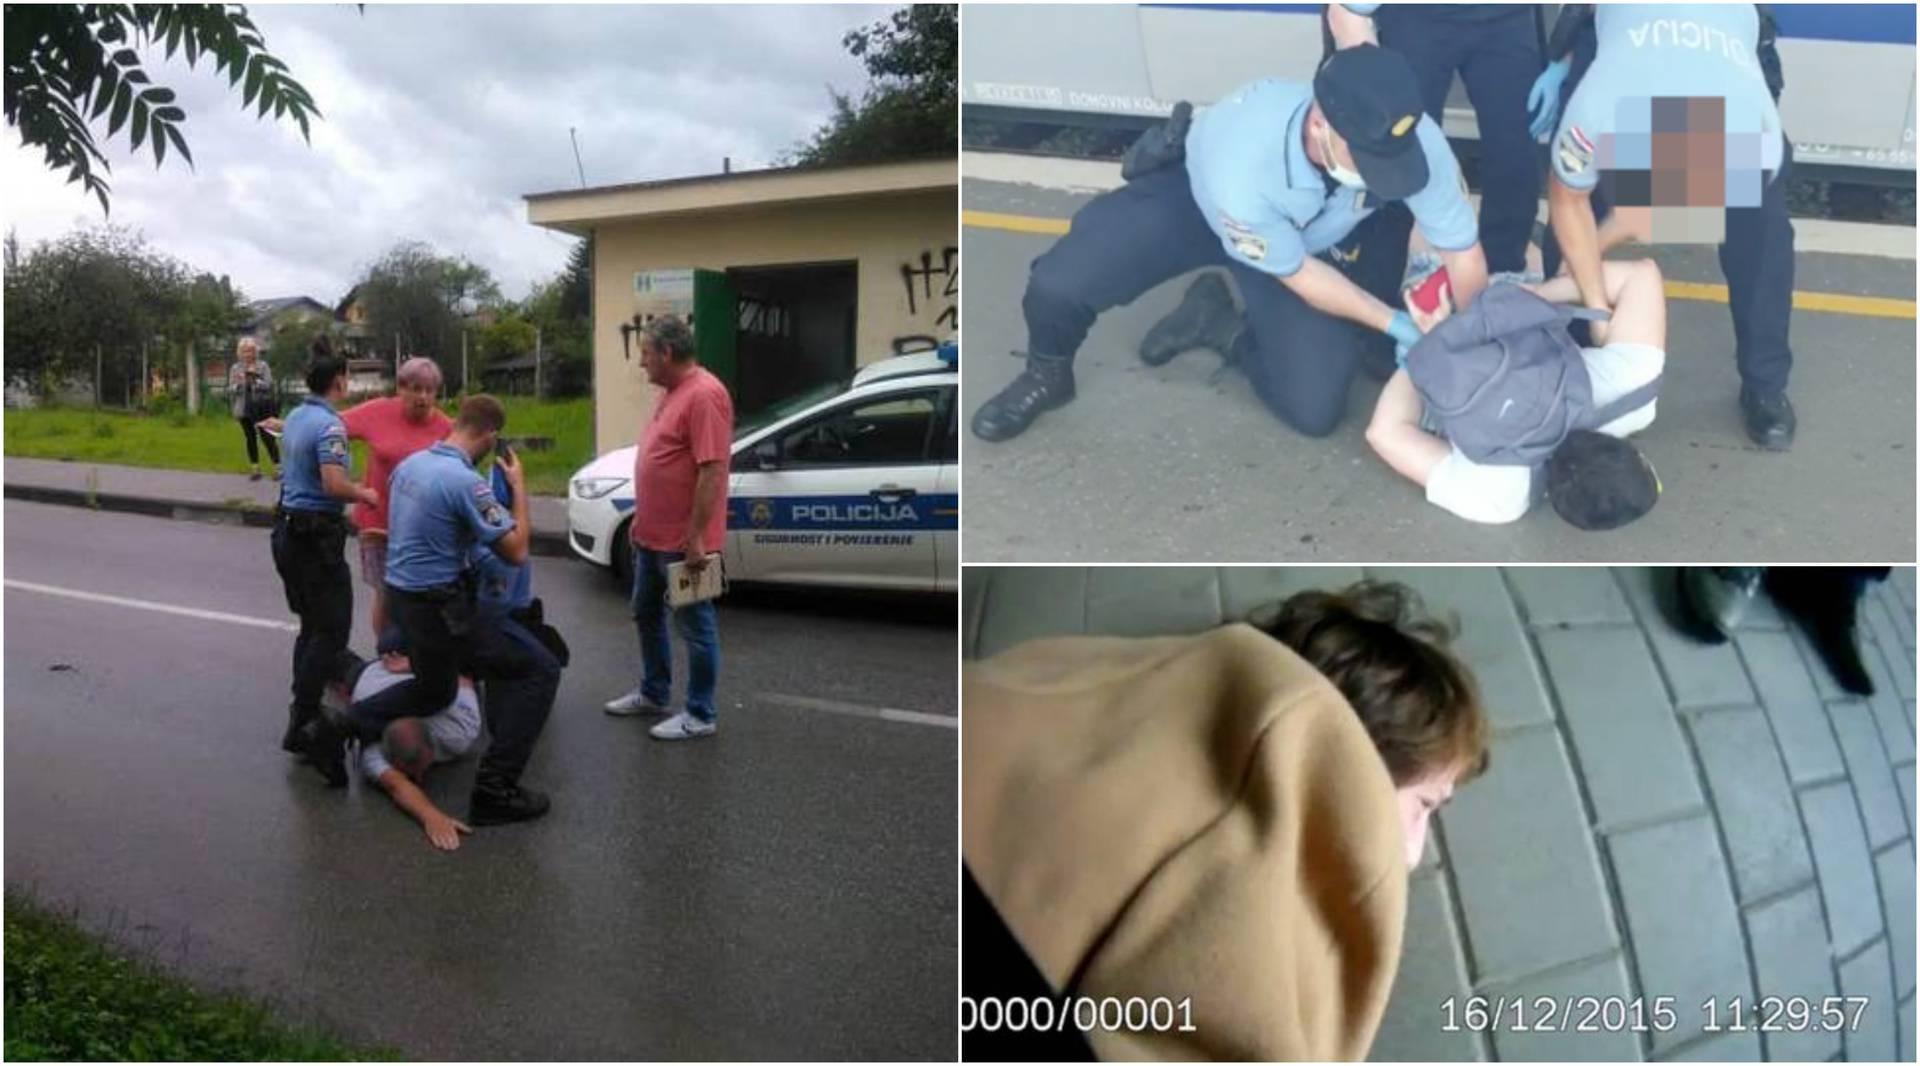 Privođenja zgrozila Hrvatsku: Ženi zavrnuo ruku i bacio je na tlo, iz vlaka su izvukli putnika